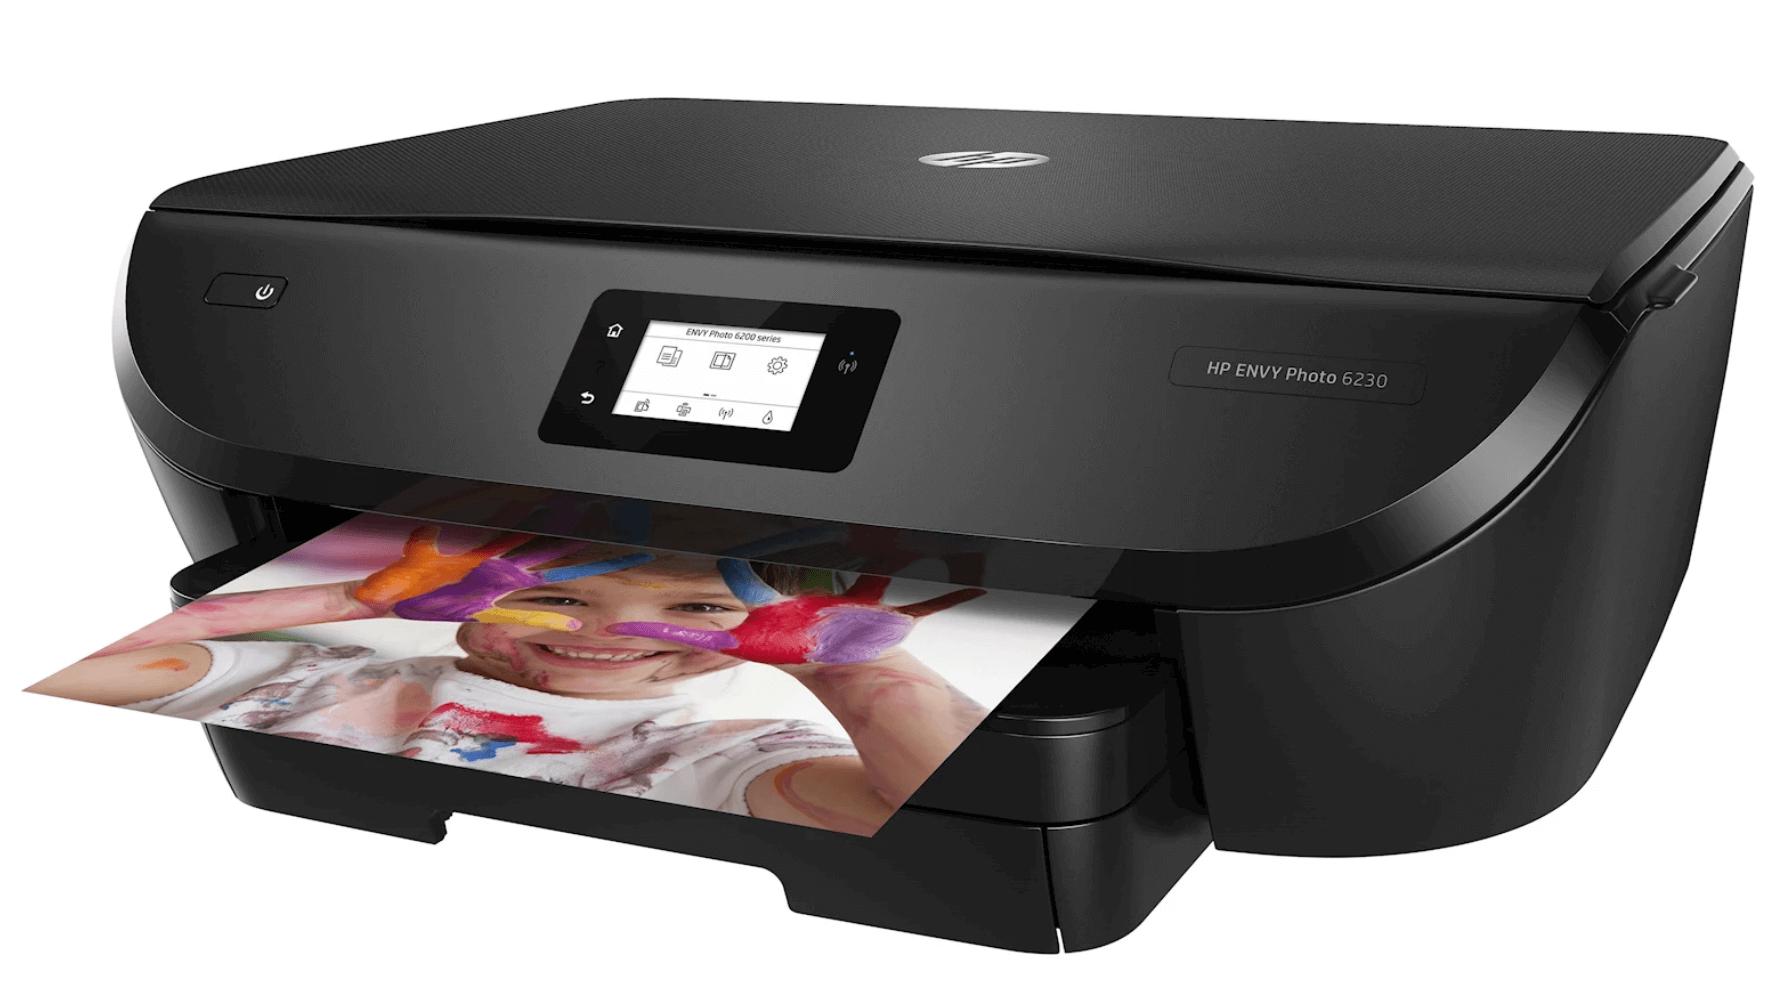 Bedste multifunktionsprinter til hjemmet lige nu – HP ENVY Photo 6230 AiO